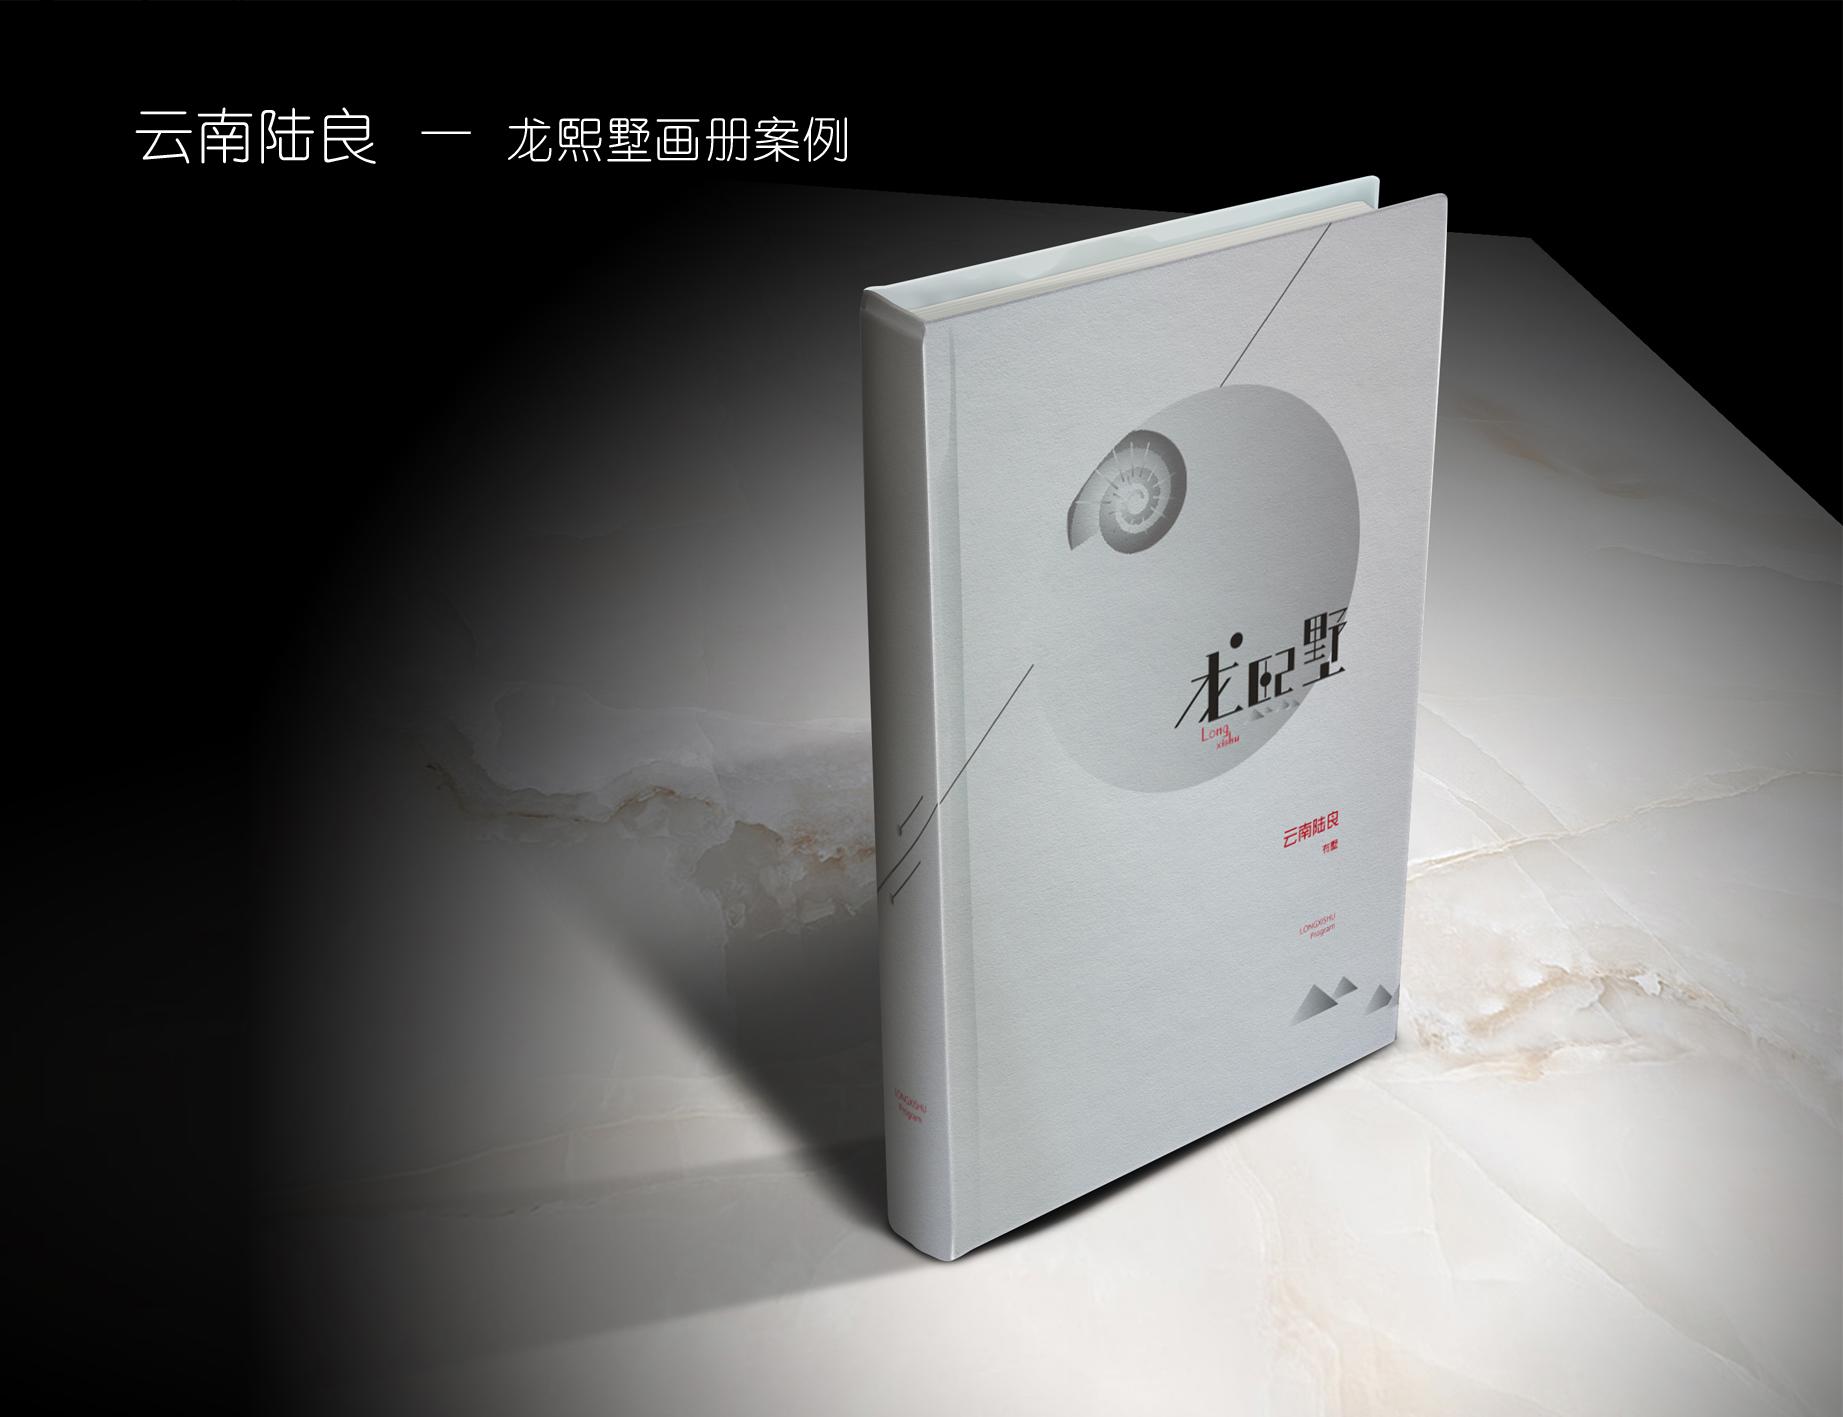 原创易拉宝/VI/宣传册/LOGO设计餐饮/地产/金融/科技